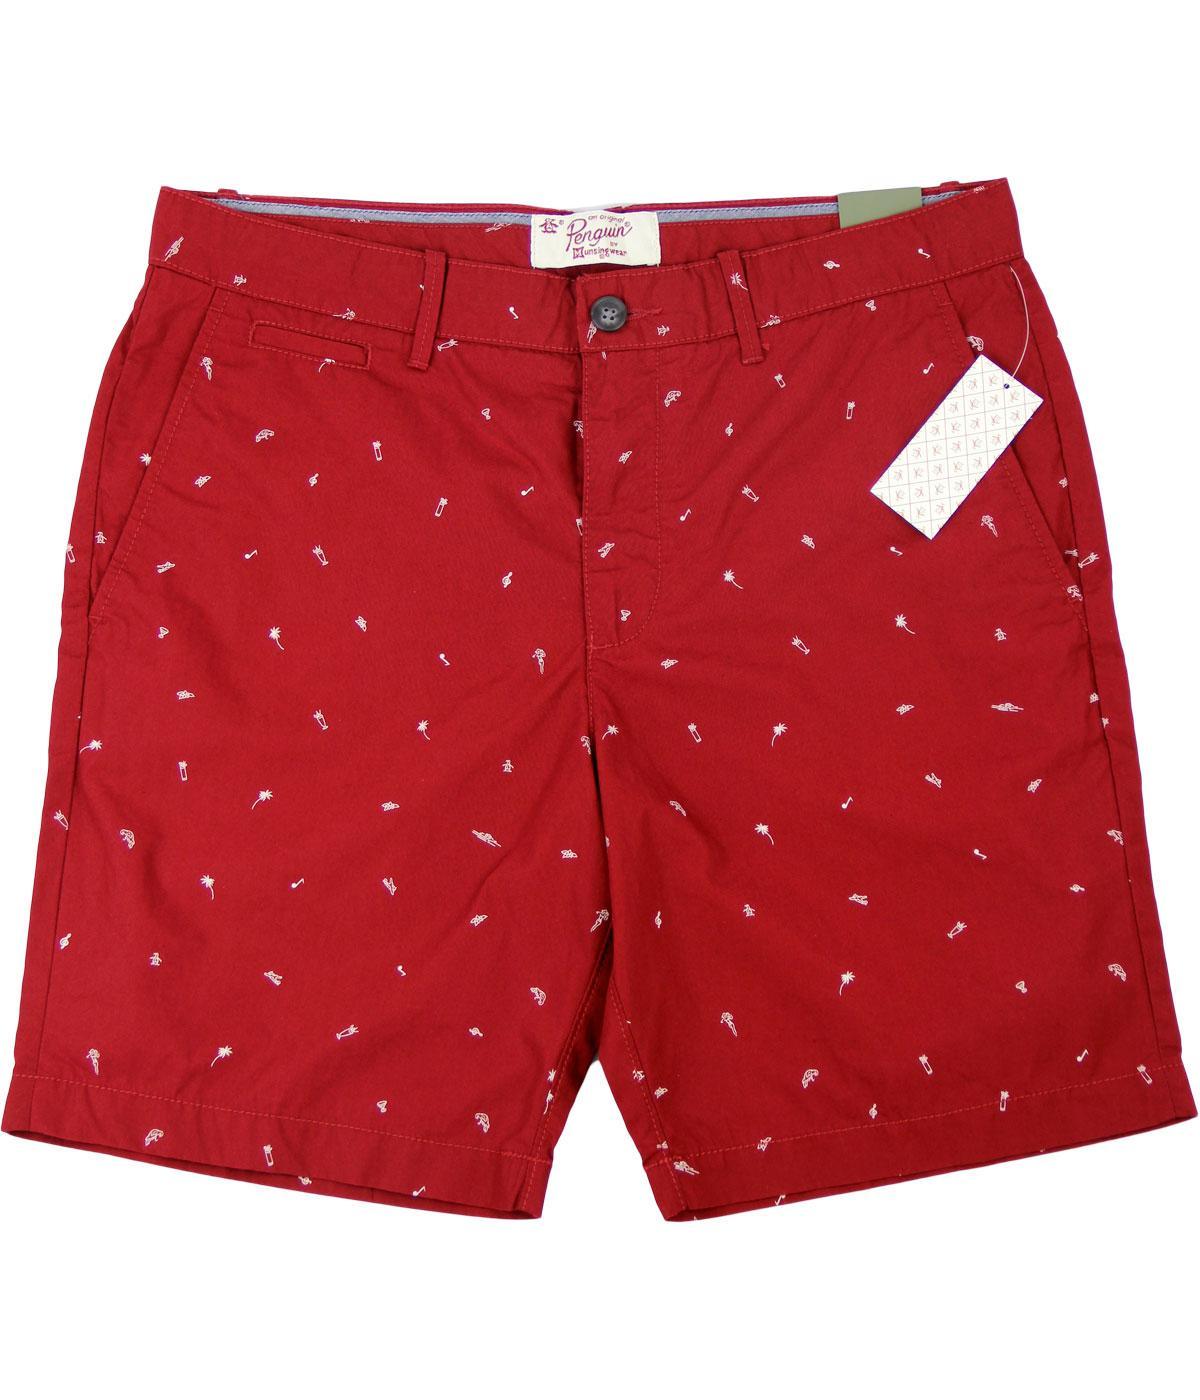 Budge ORIGINAL PENGUIN Retro Summer Print Shorts R